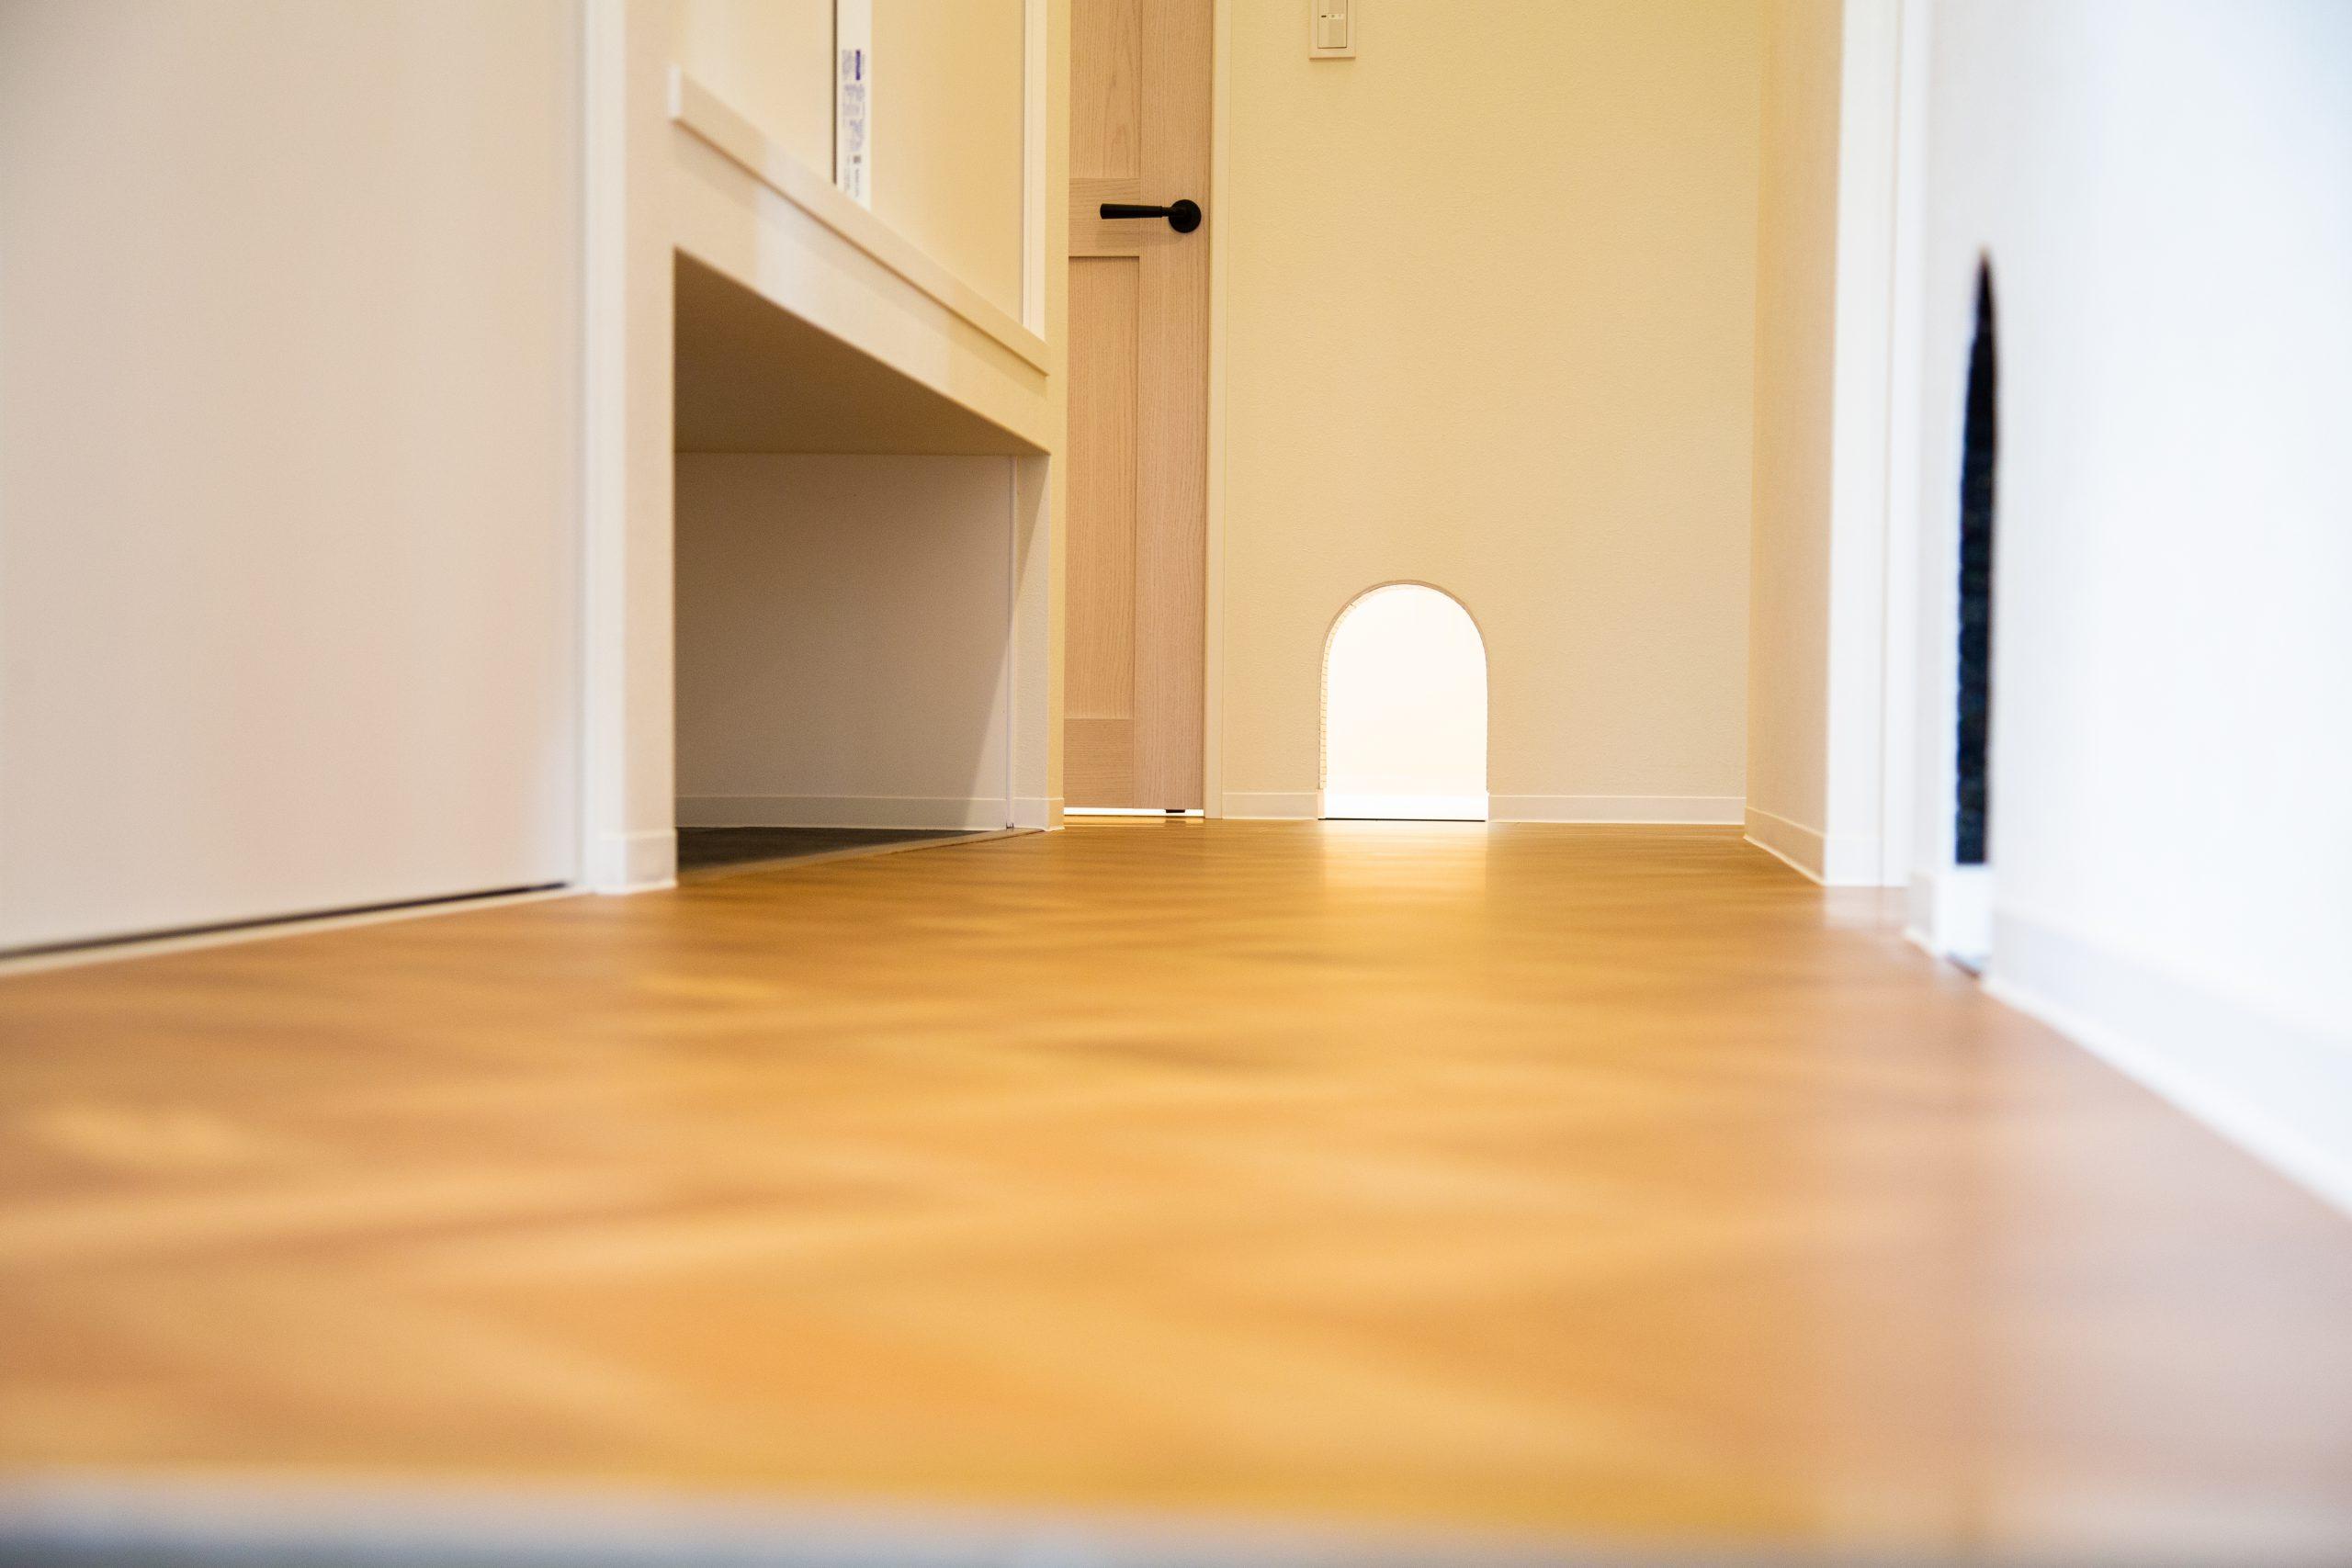 【山形県長井市】新築一戸建て実例写真 キャットスルーのある猫と暮らす家